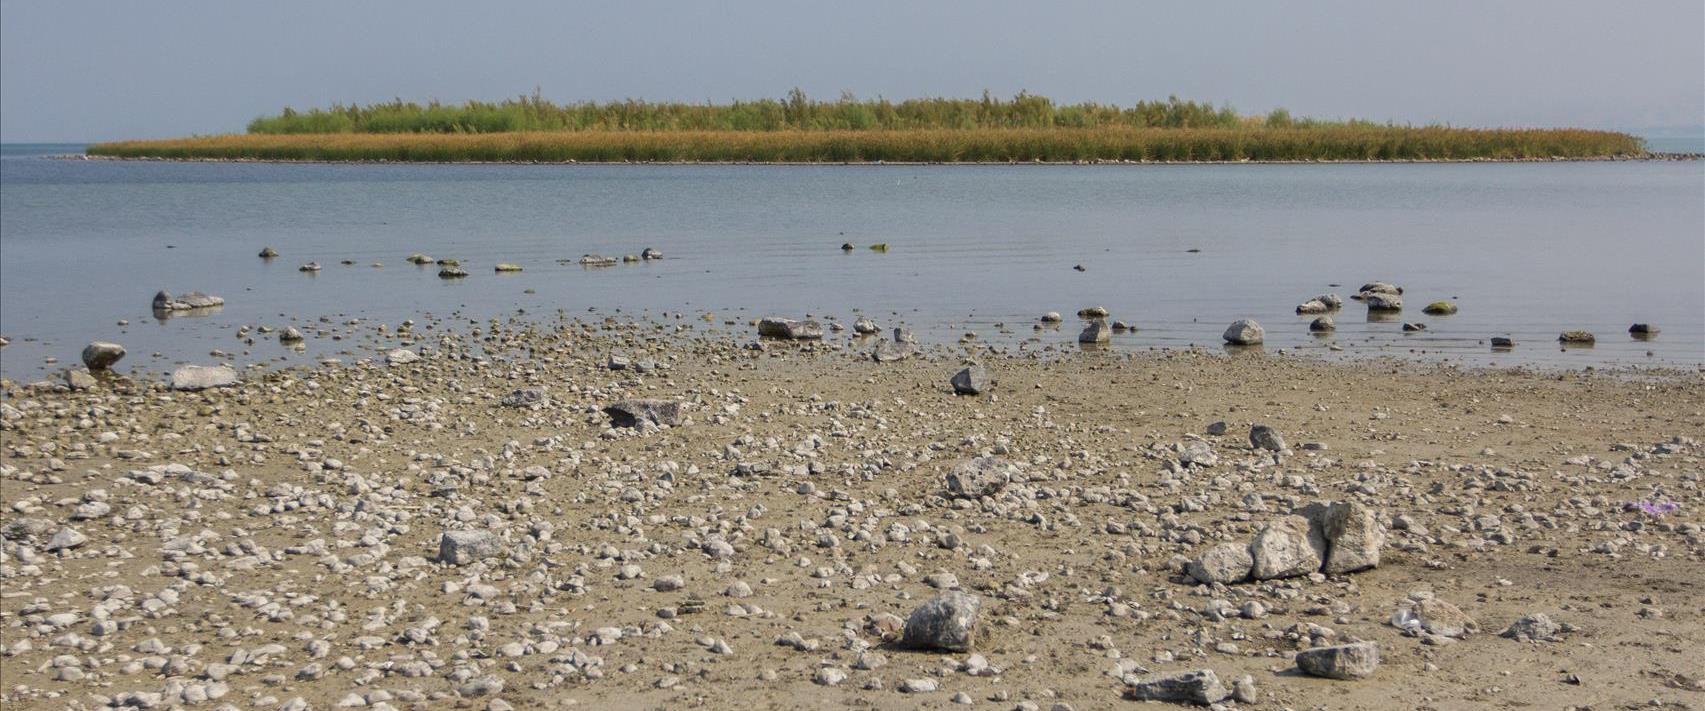 האי בכנרת שנחשף בקיץ שעבר